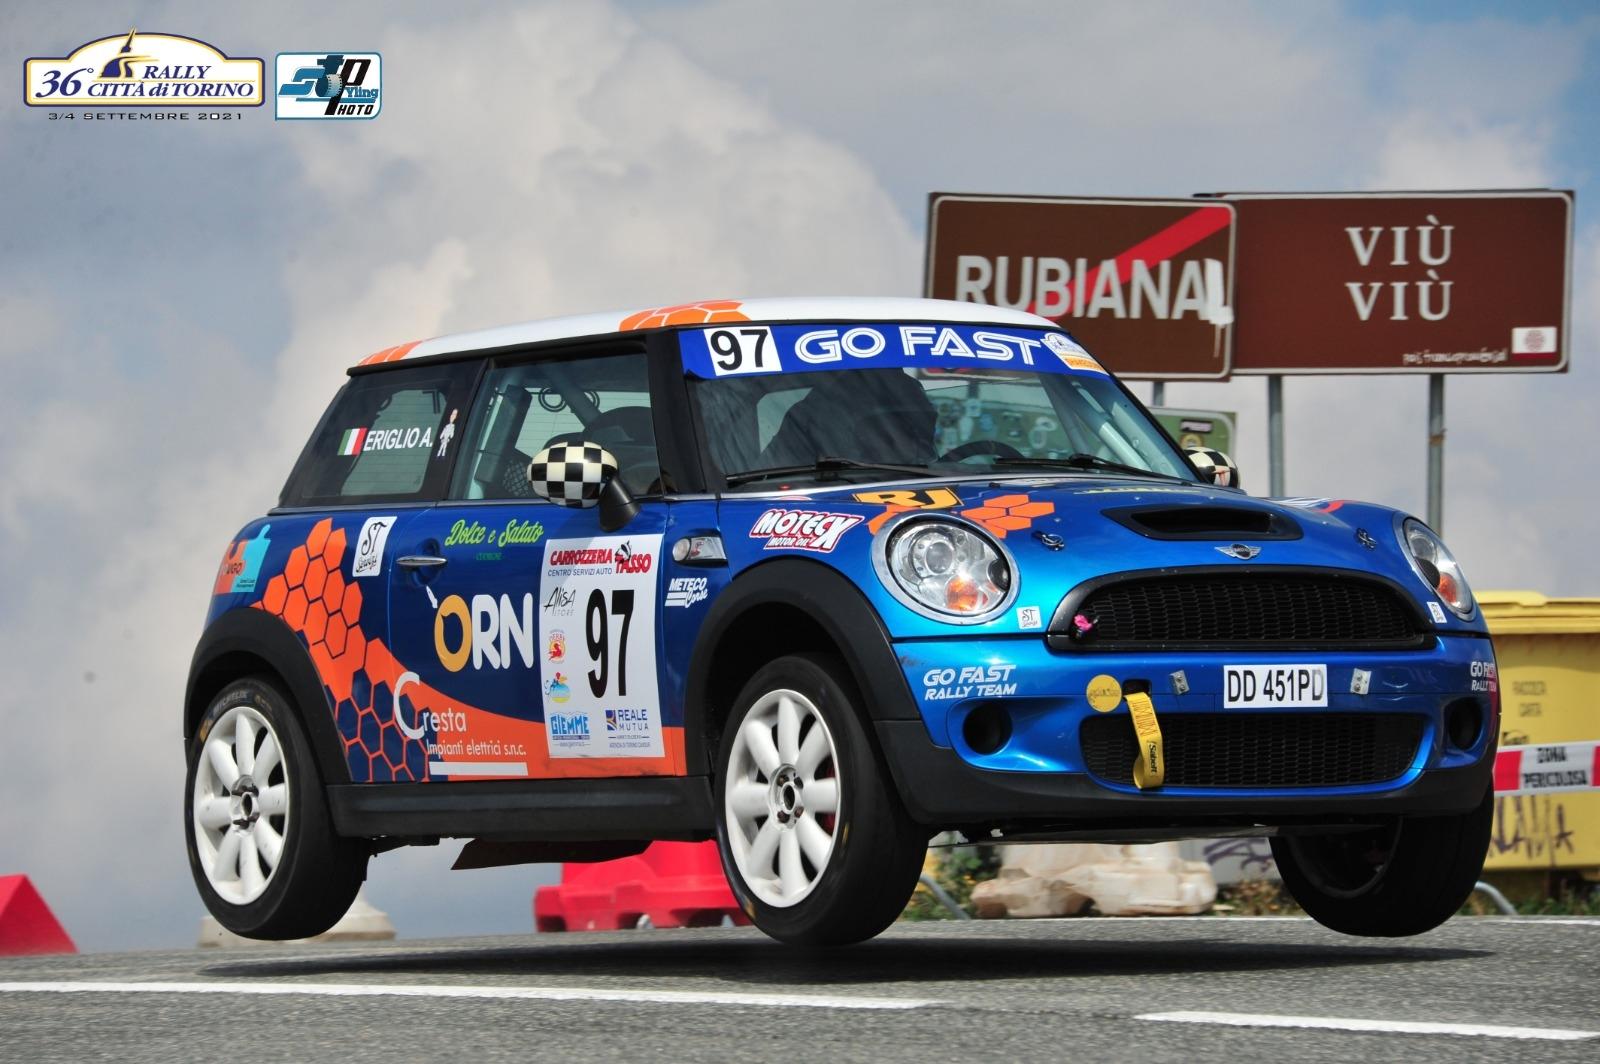 FORNO CANAVESE - Gabriele Priante brilla al Rally Città di Torino e sogna le finali nazionali a Modena